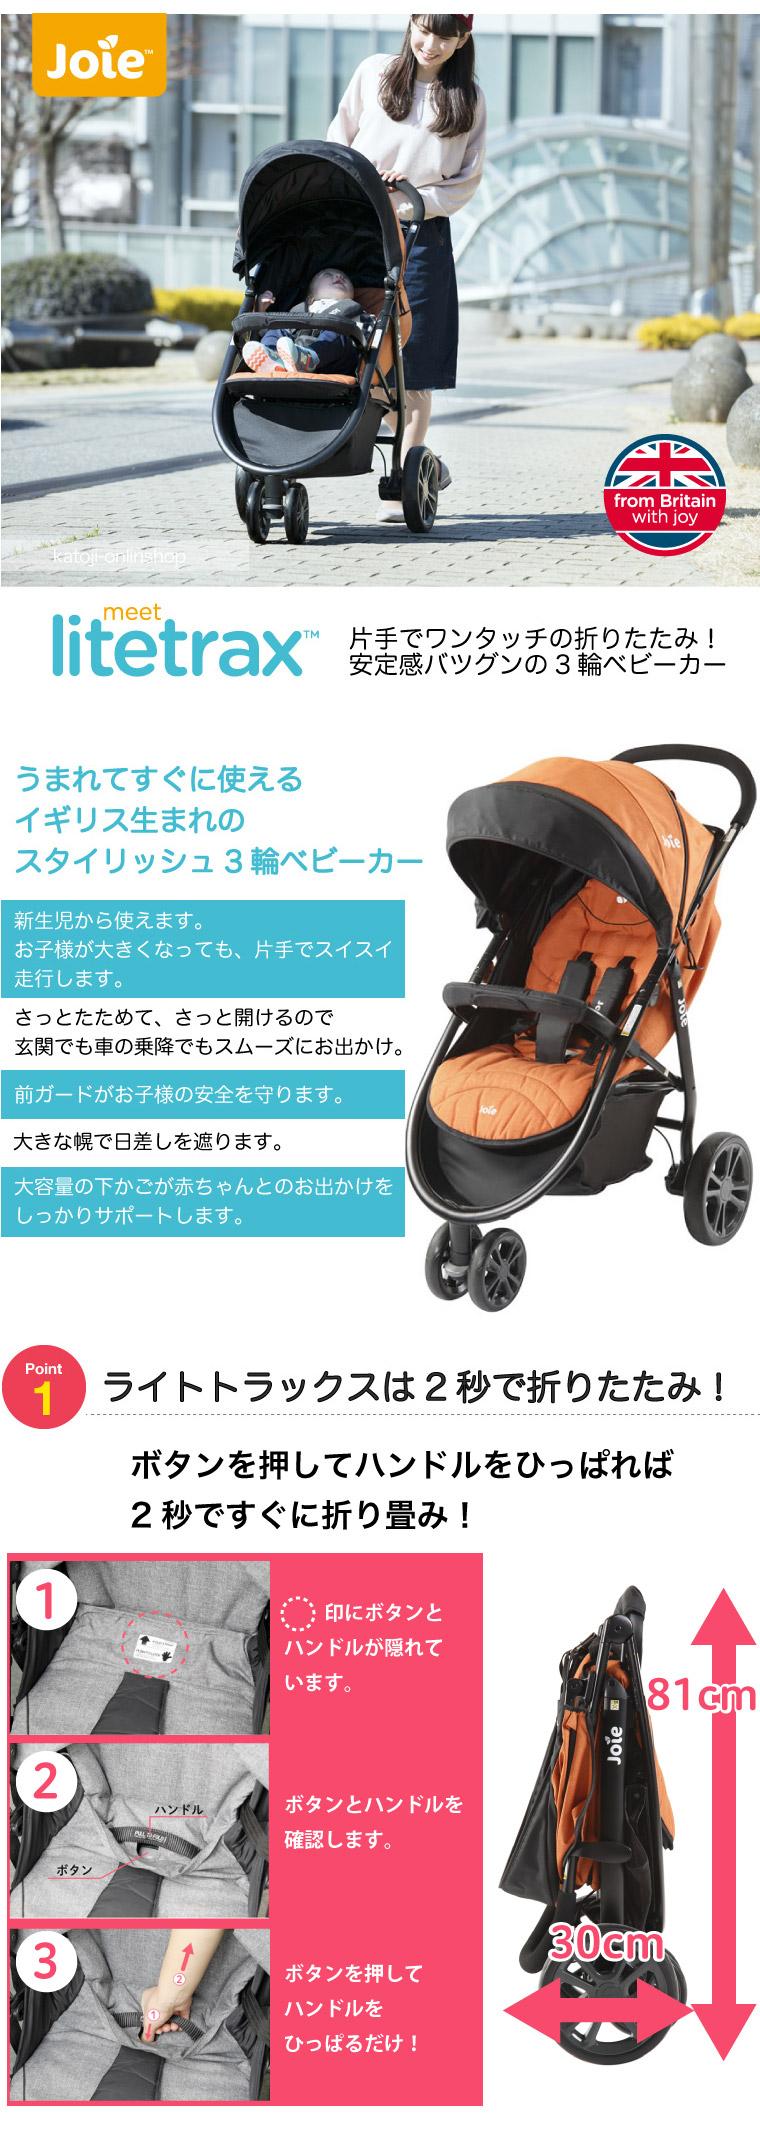 海外製3輪ベビーカーが使いやすい日本仕様になって登場